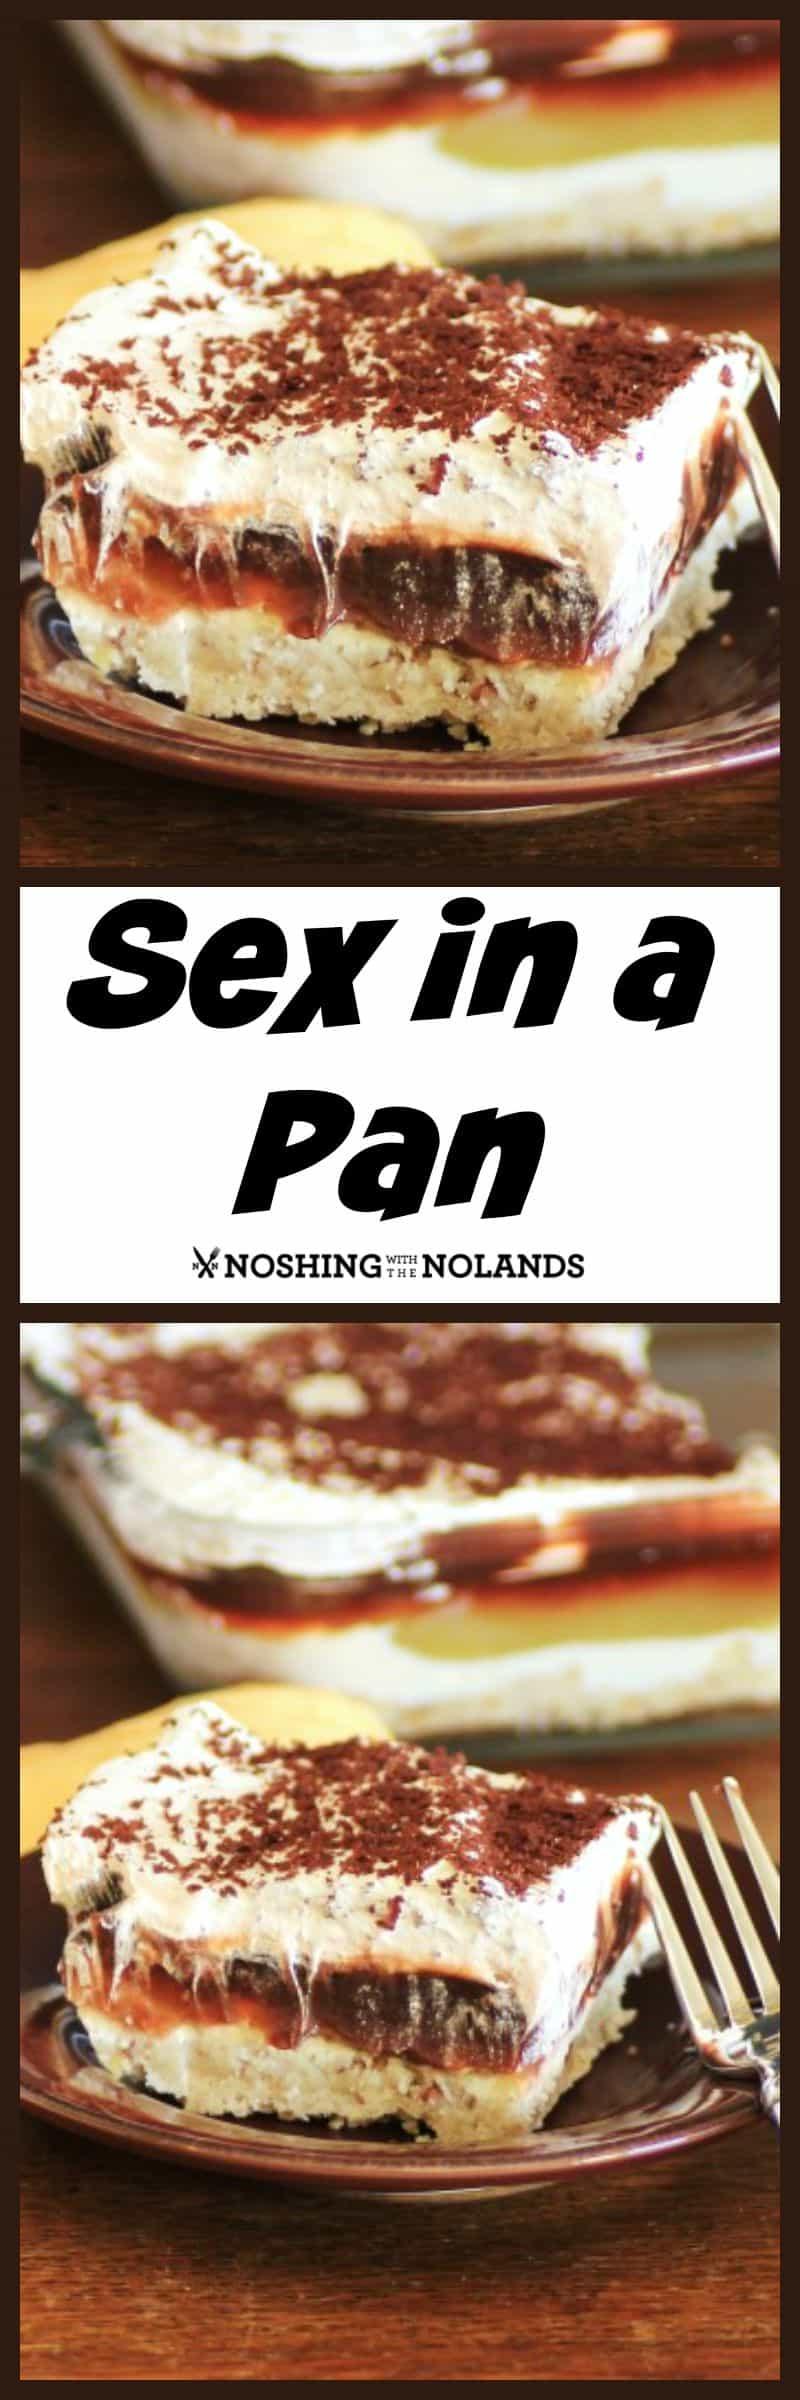 dessert sex in a pan